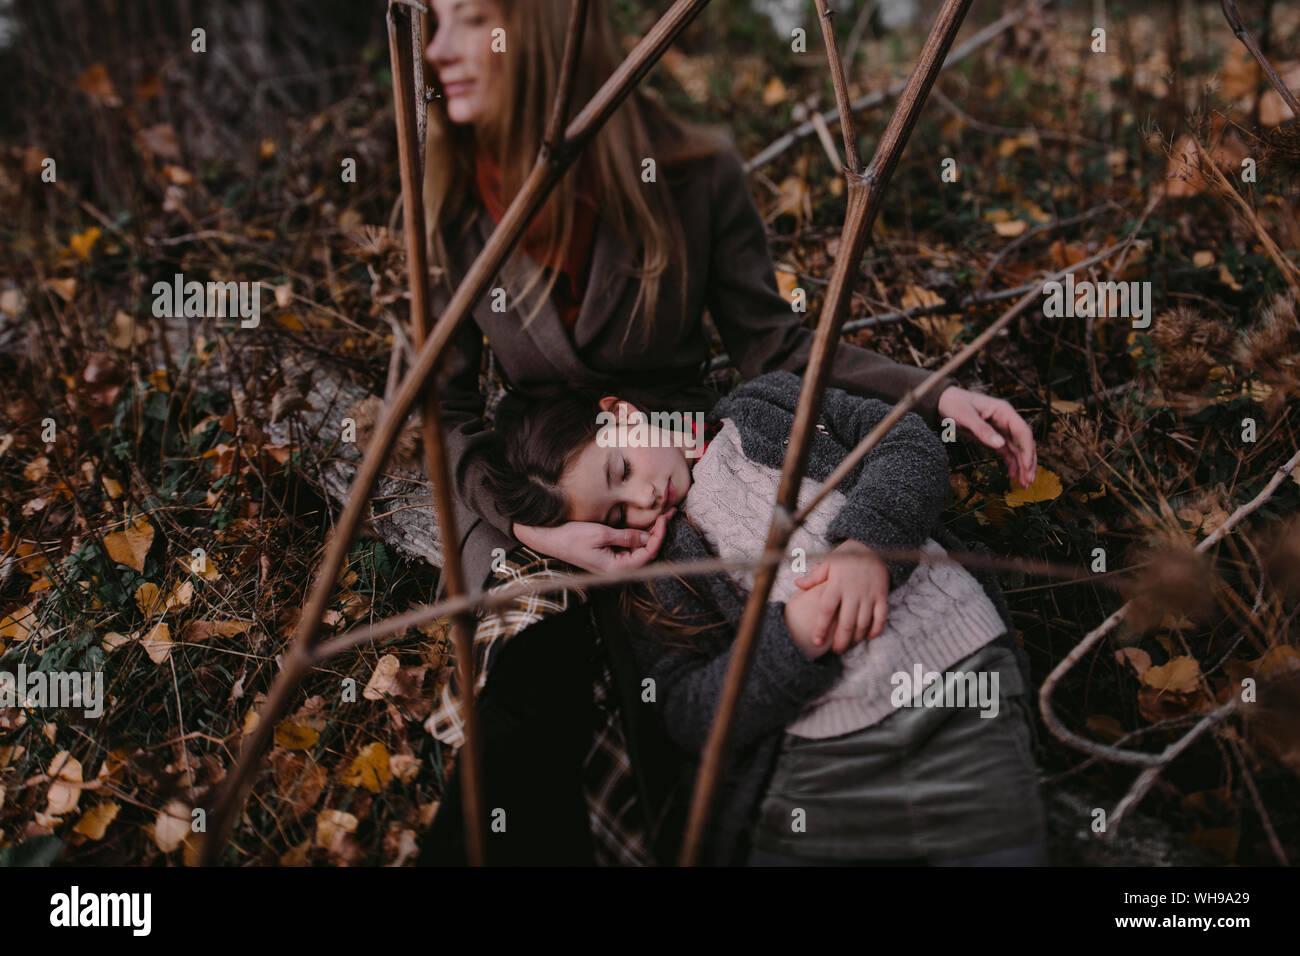 Retrato de niña con la cabeza en el regazo de su madre en la naturaleza autumnul Foto de stock